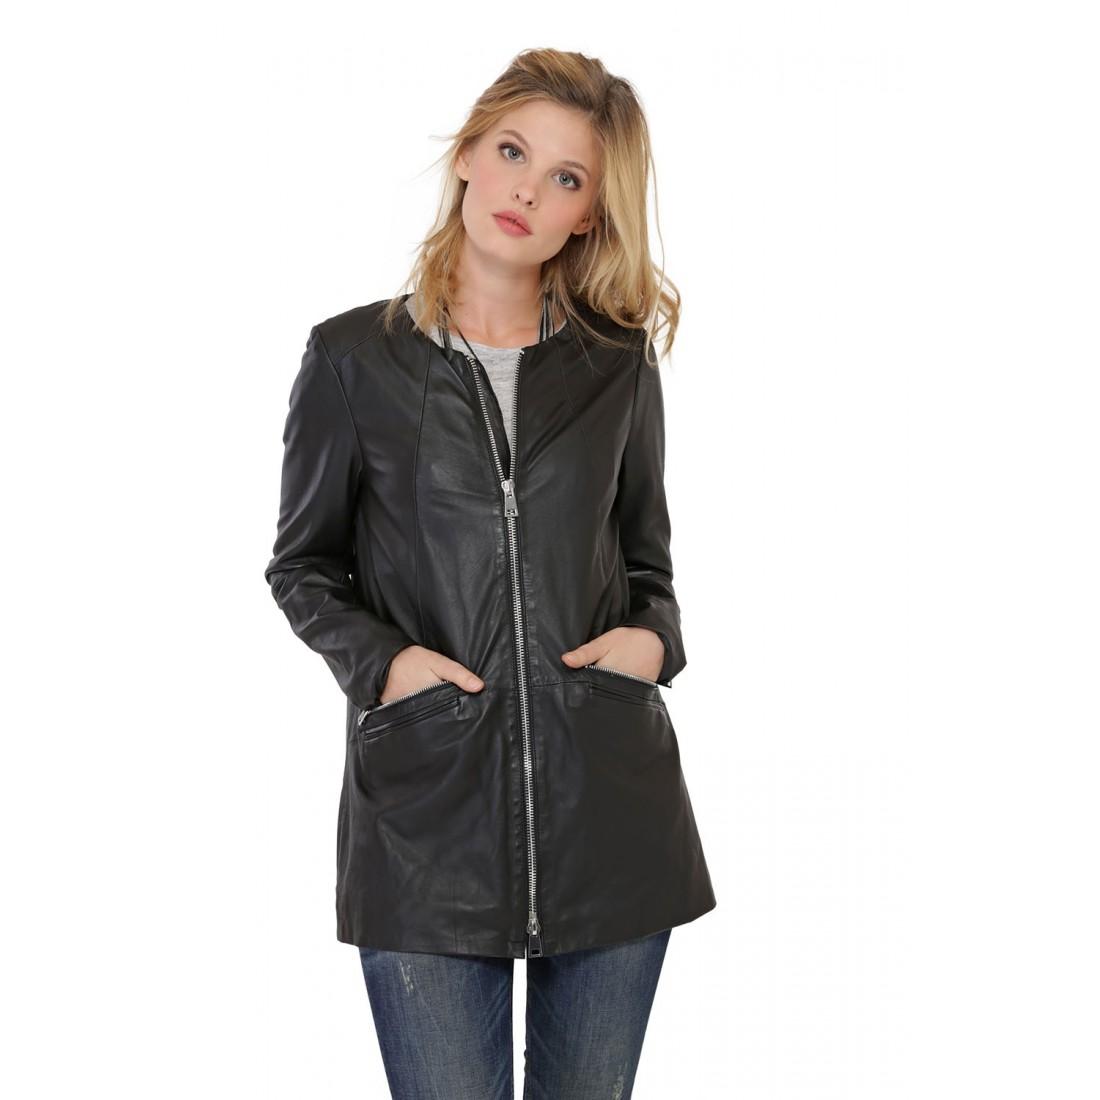 oakwood veste cuir femme veste en cuir femme oakwood linata veste en cuir femme oakwood linata. Black Bedroom Furniture Sets. Home Design Ideas